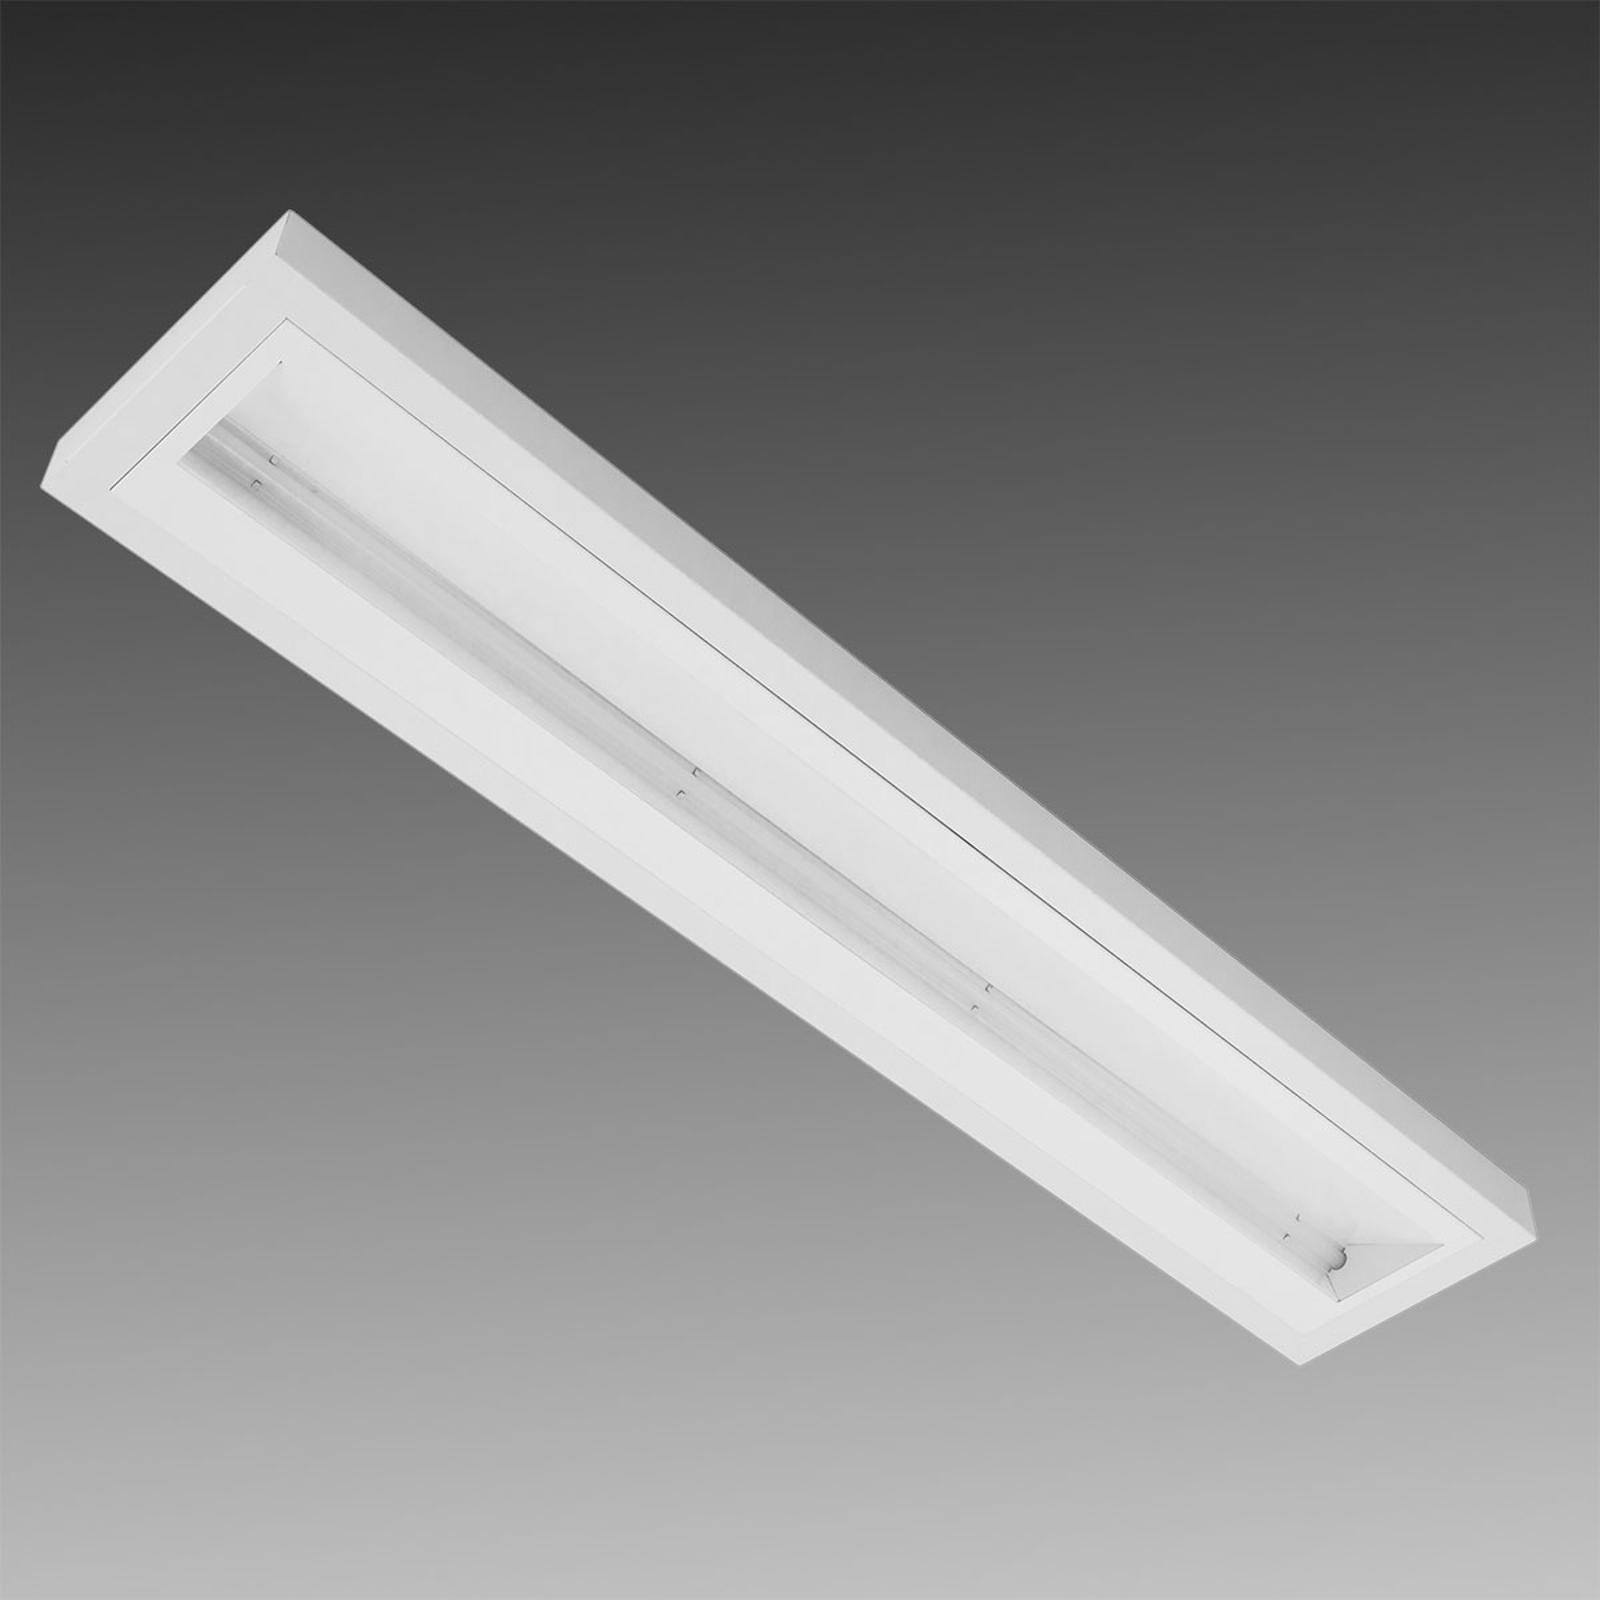 LED-Anbauleuchte asymmetrisch, weiß 50 W